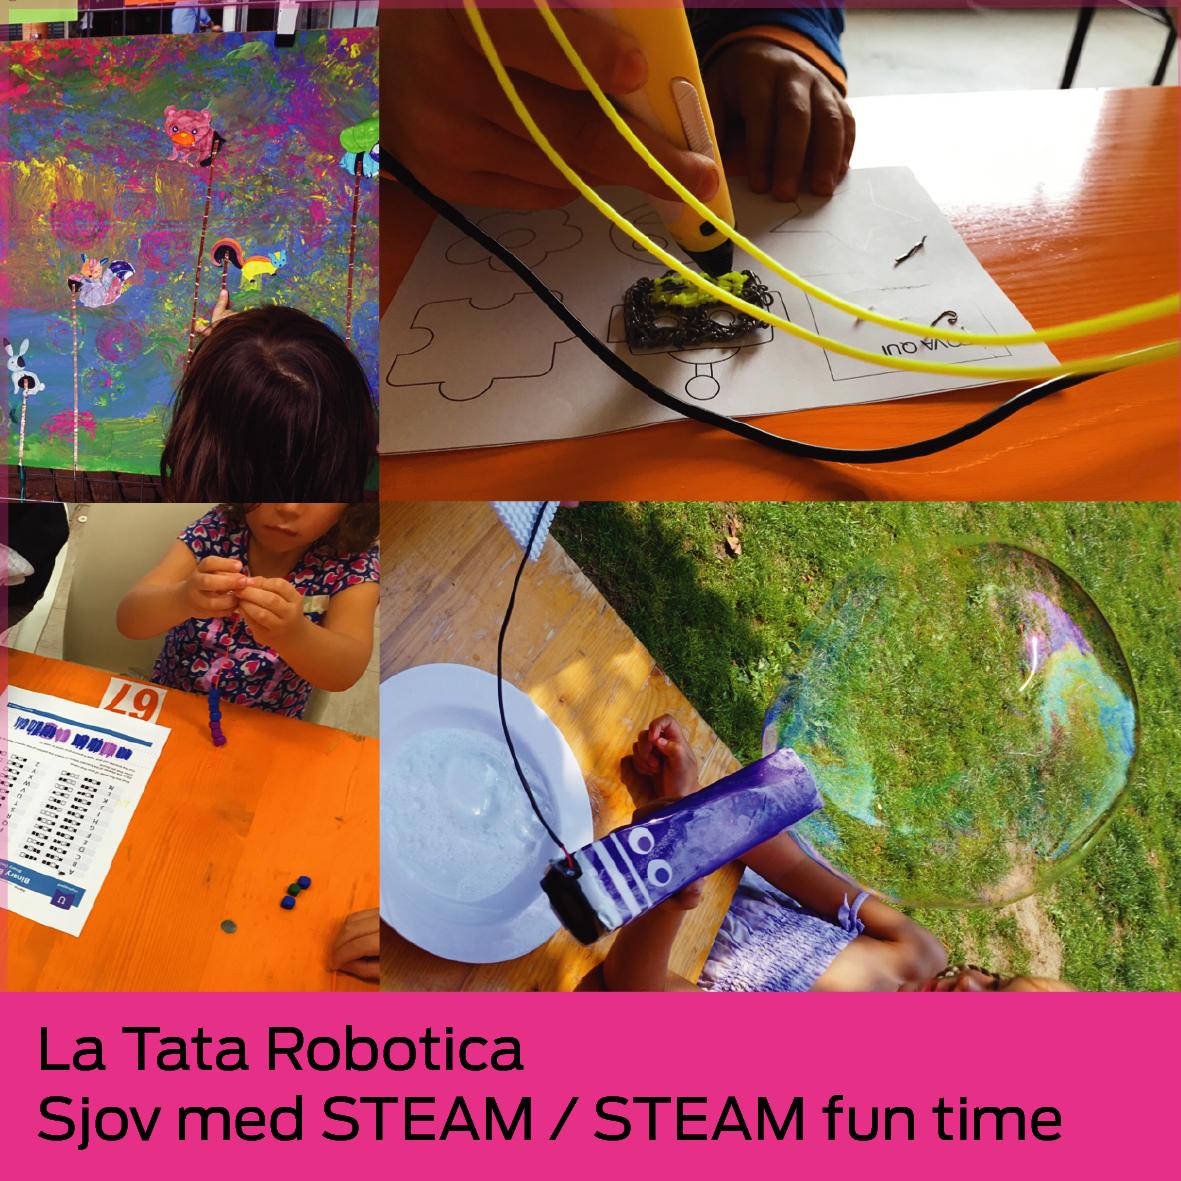 La Tata Robotica: Sjov med STEAM / STEAM fun time